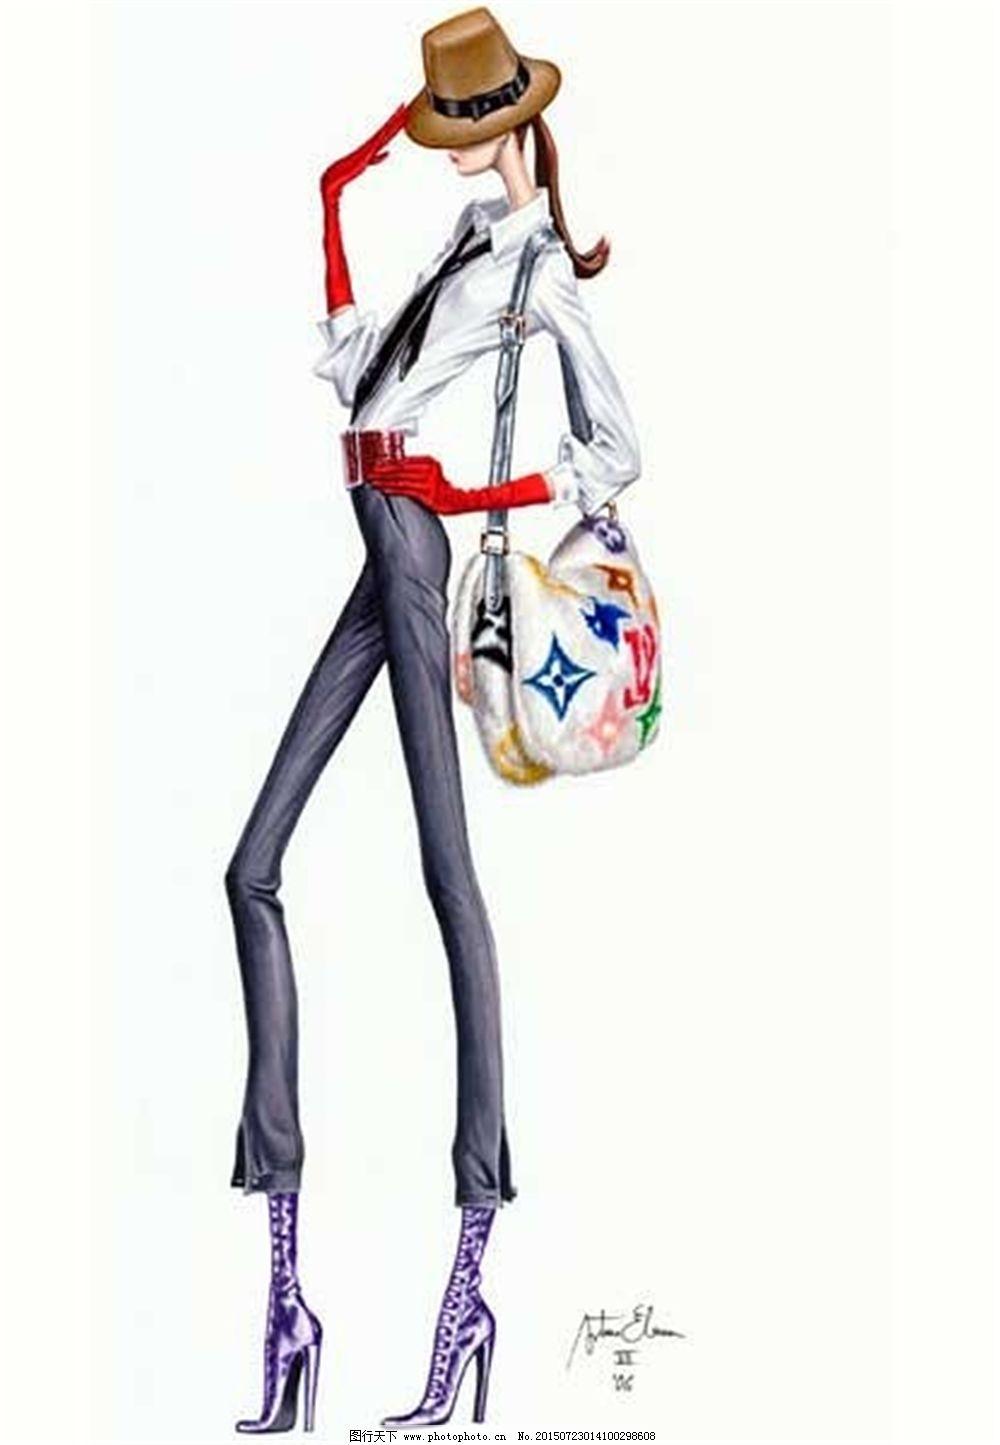 手绘服装设计_手绘服装设计